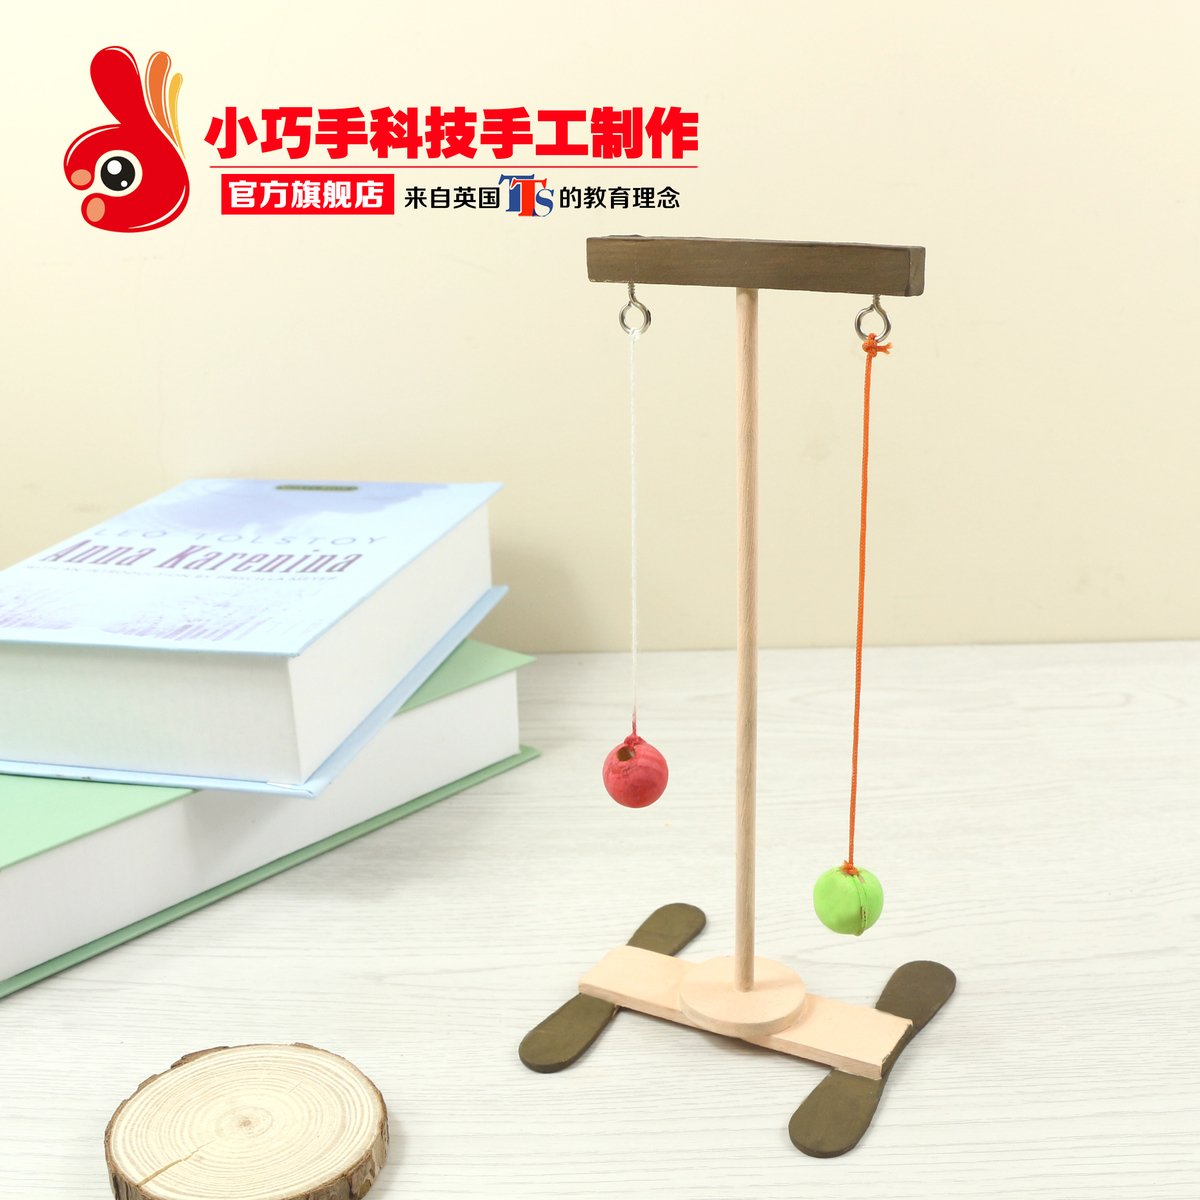 钟摆演示仪 diy小巧手 手工小制作儿童物理实验材料益智玩具模型